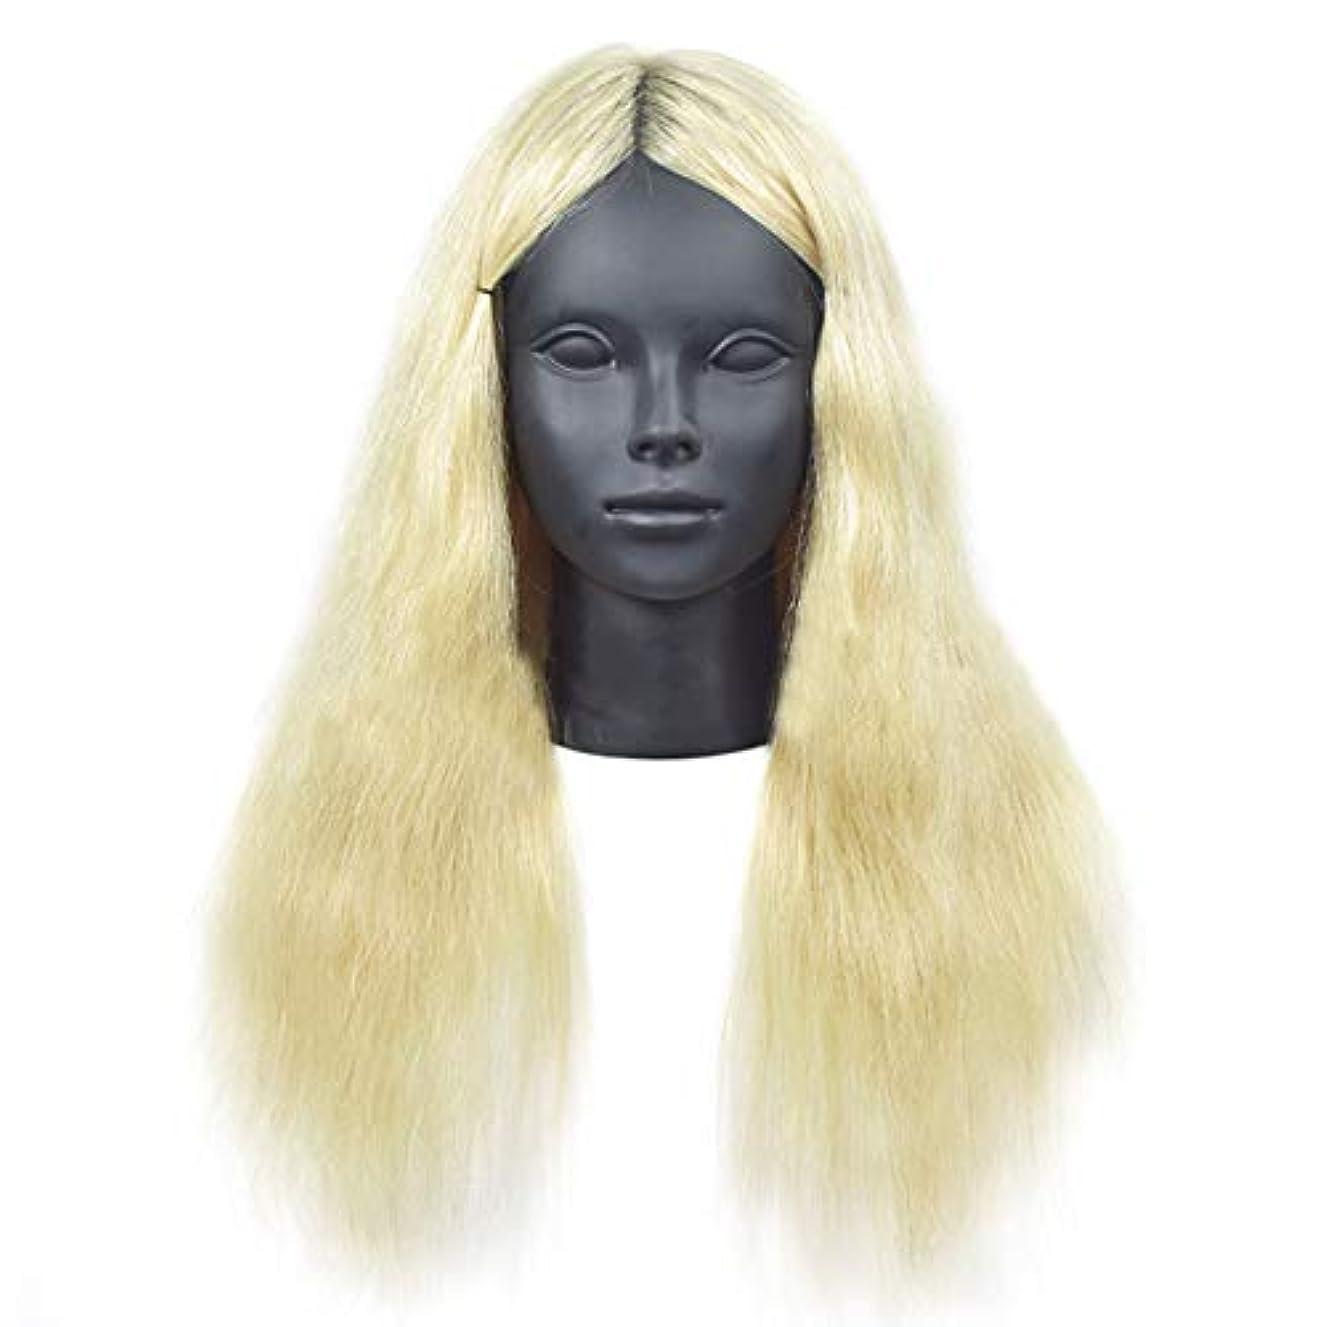 コンテスト不変障害リアル人間の髪教育ヘッドパーマ髪織り髪モデル髪染め理髪ダミーヘッド学校教育ヘッドモデル